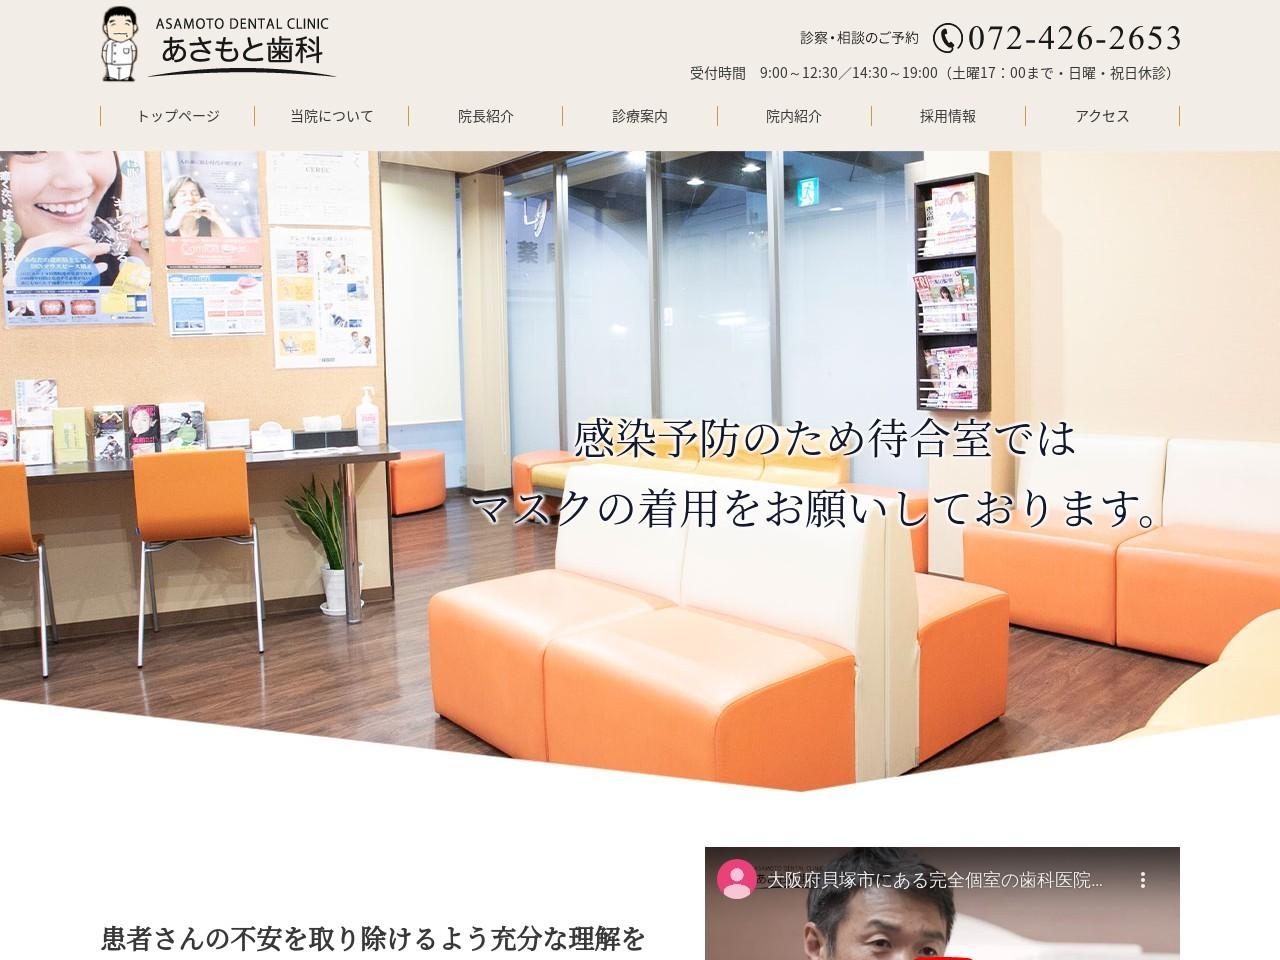 医療法人  あさもと歯科 (大阪府貝塚市)